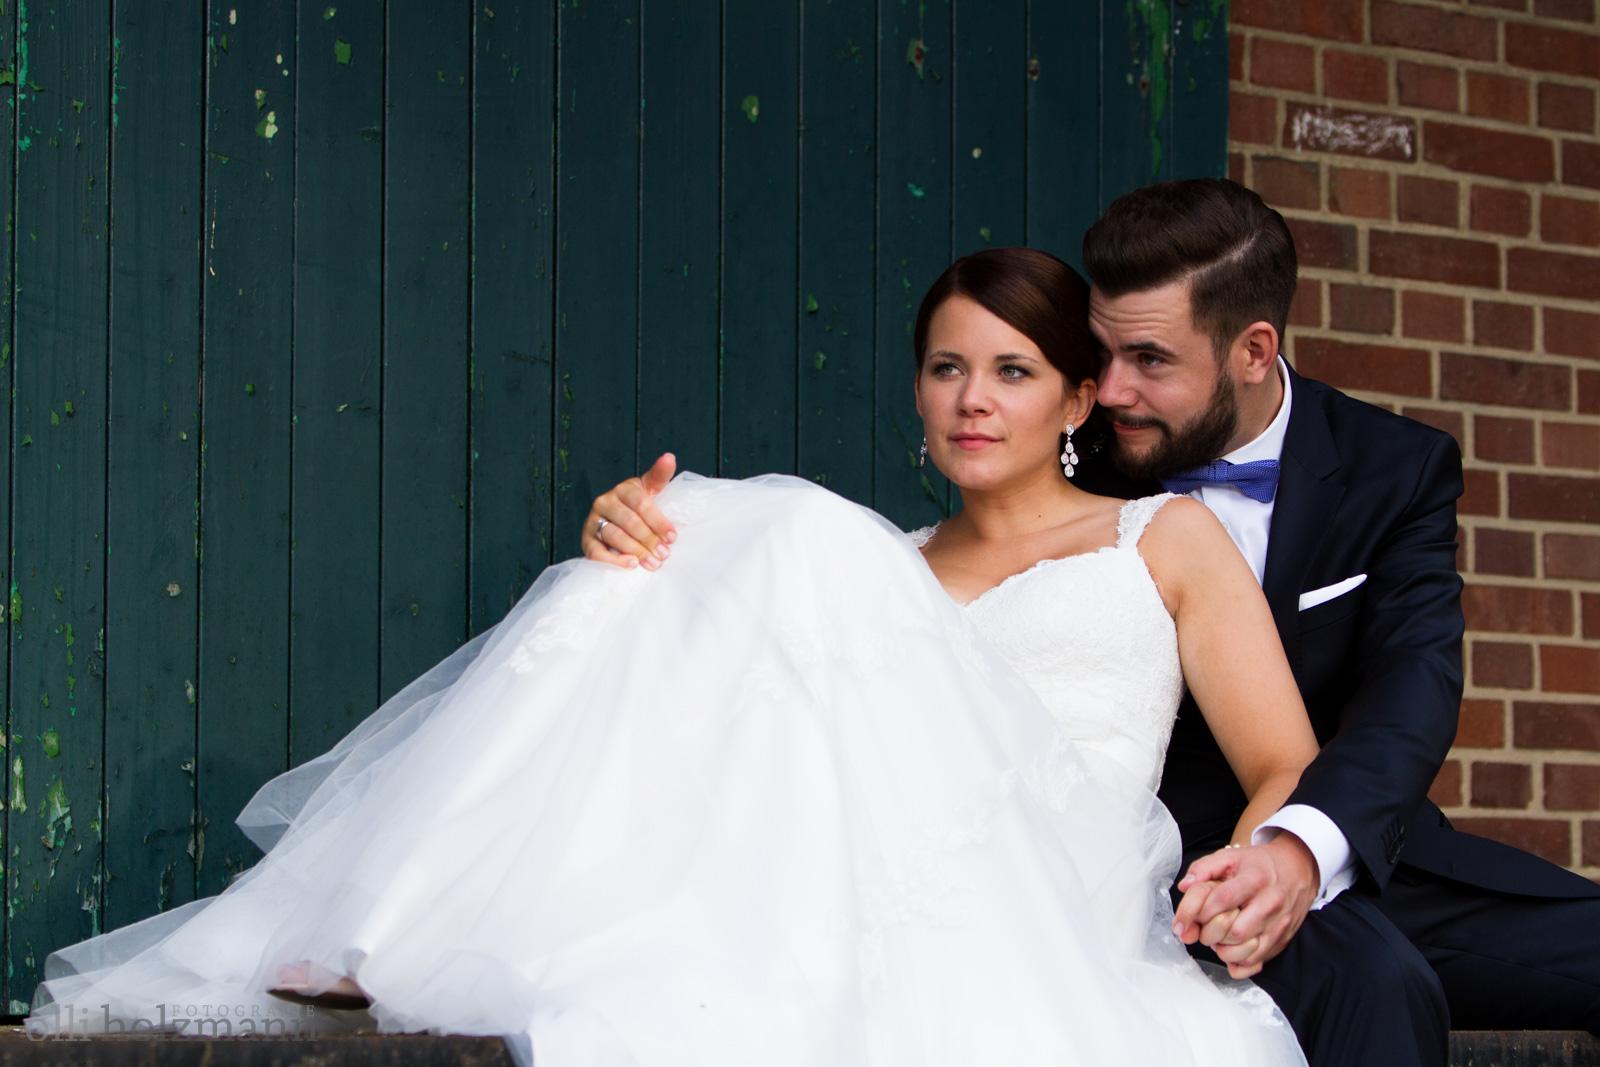 Hochzeitsfotograf_Sonsbeck-103.jpg